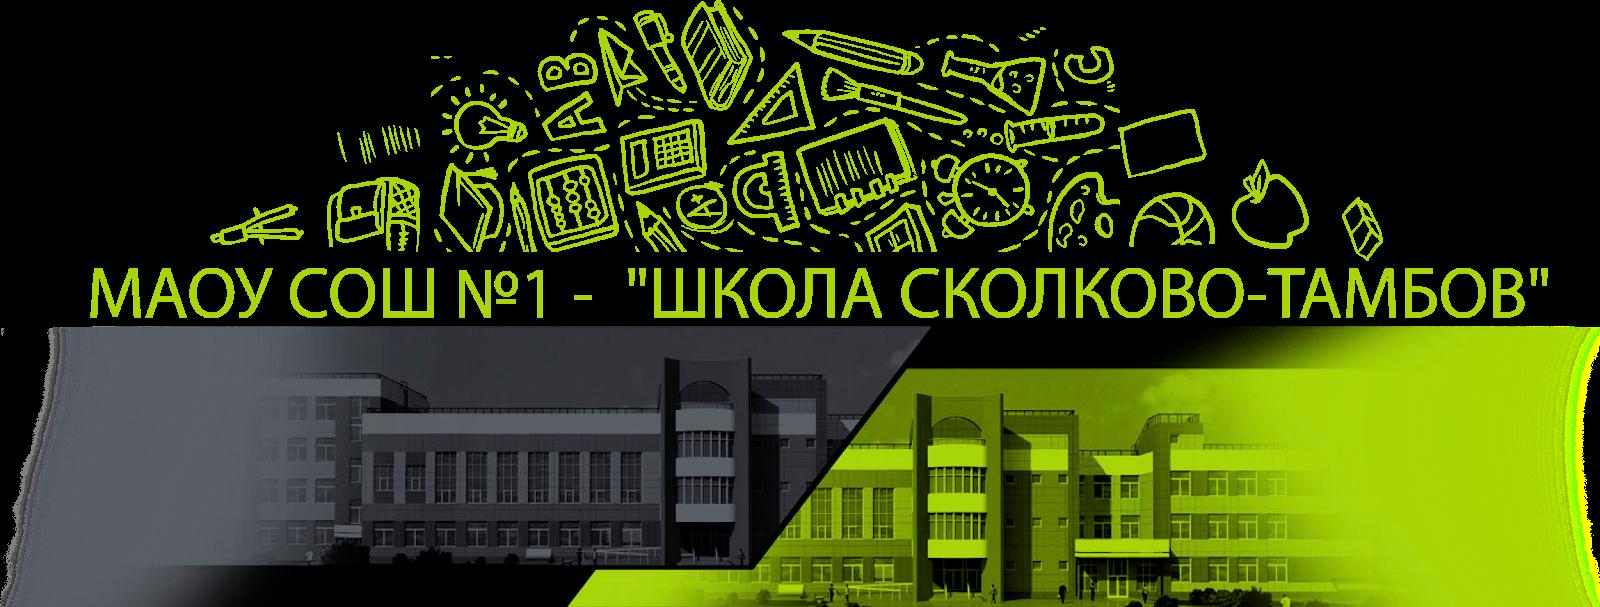 """МАОУ СОШ №1 -  """"ШКОЛА СКОЛКОВО-ТАМБОВ"""""""